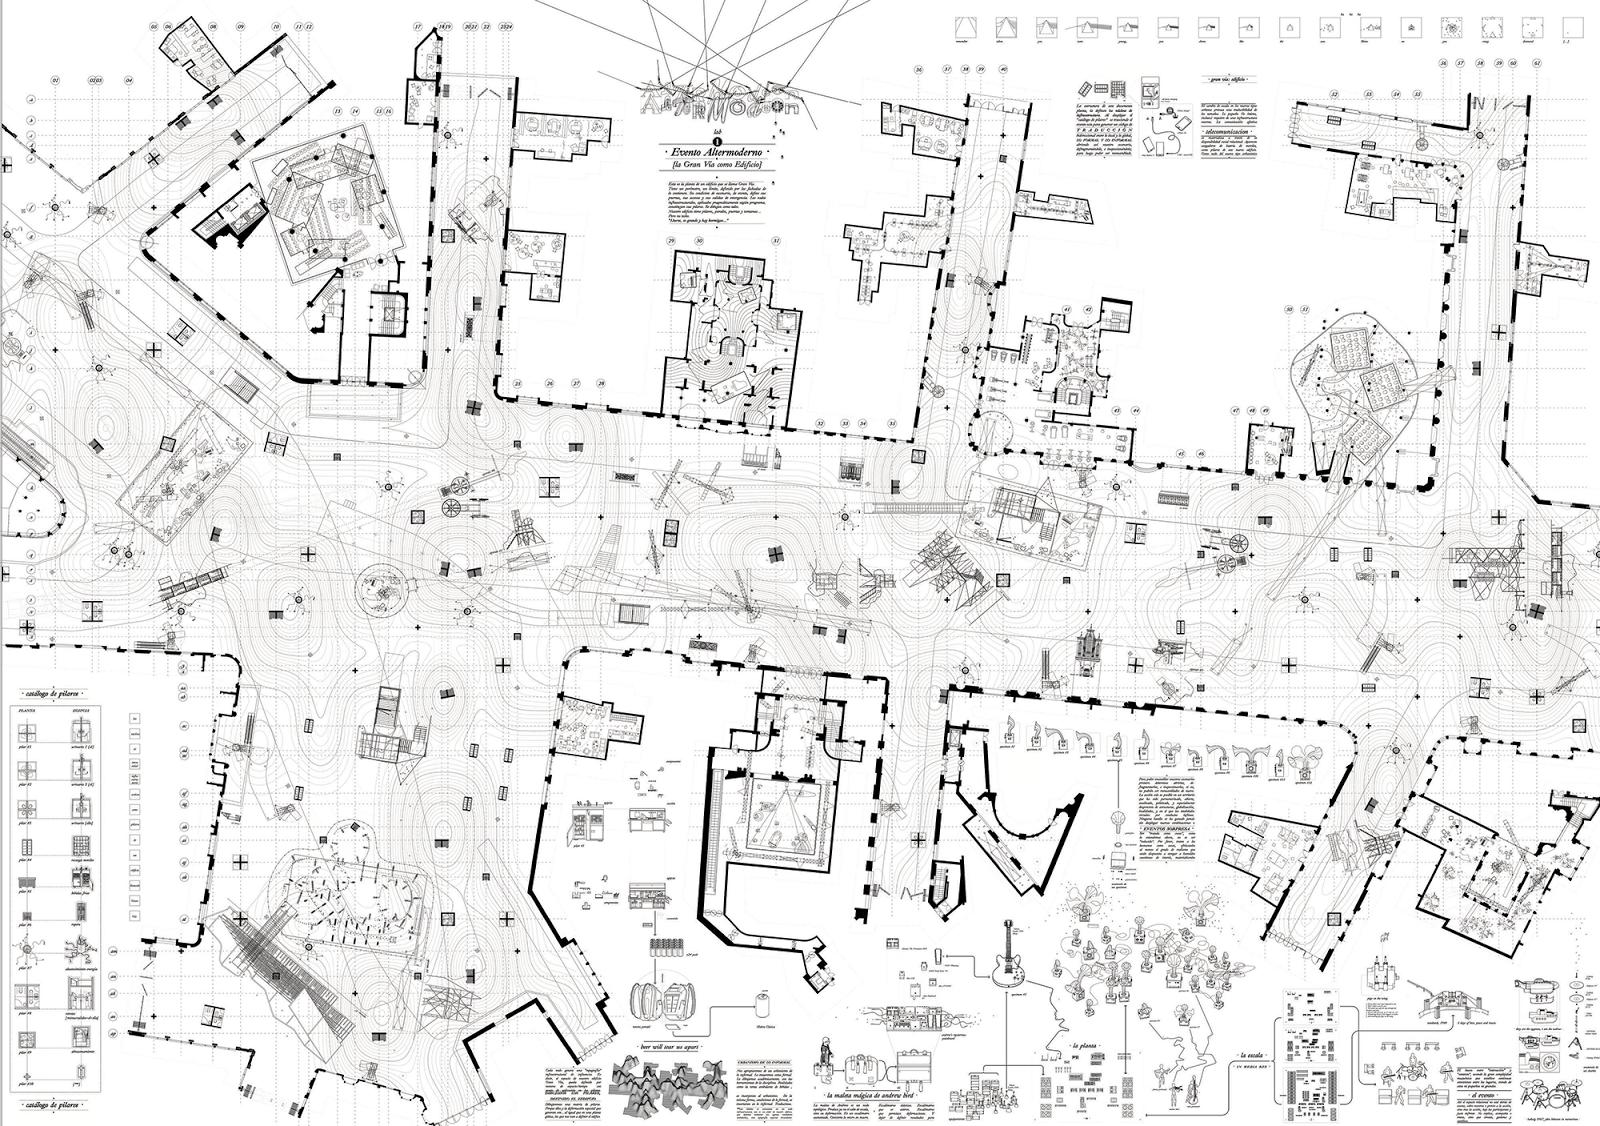 el archipi lago ofrece un anteproyecto un plan de acci n para la metr polis europea sketch. Black Bedroom Furniture Sets. Home Design Ideas